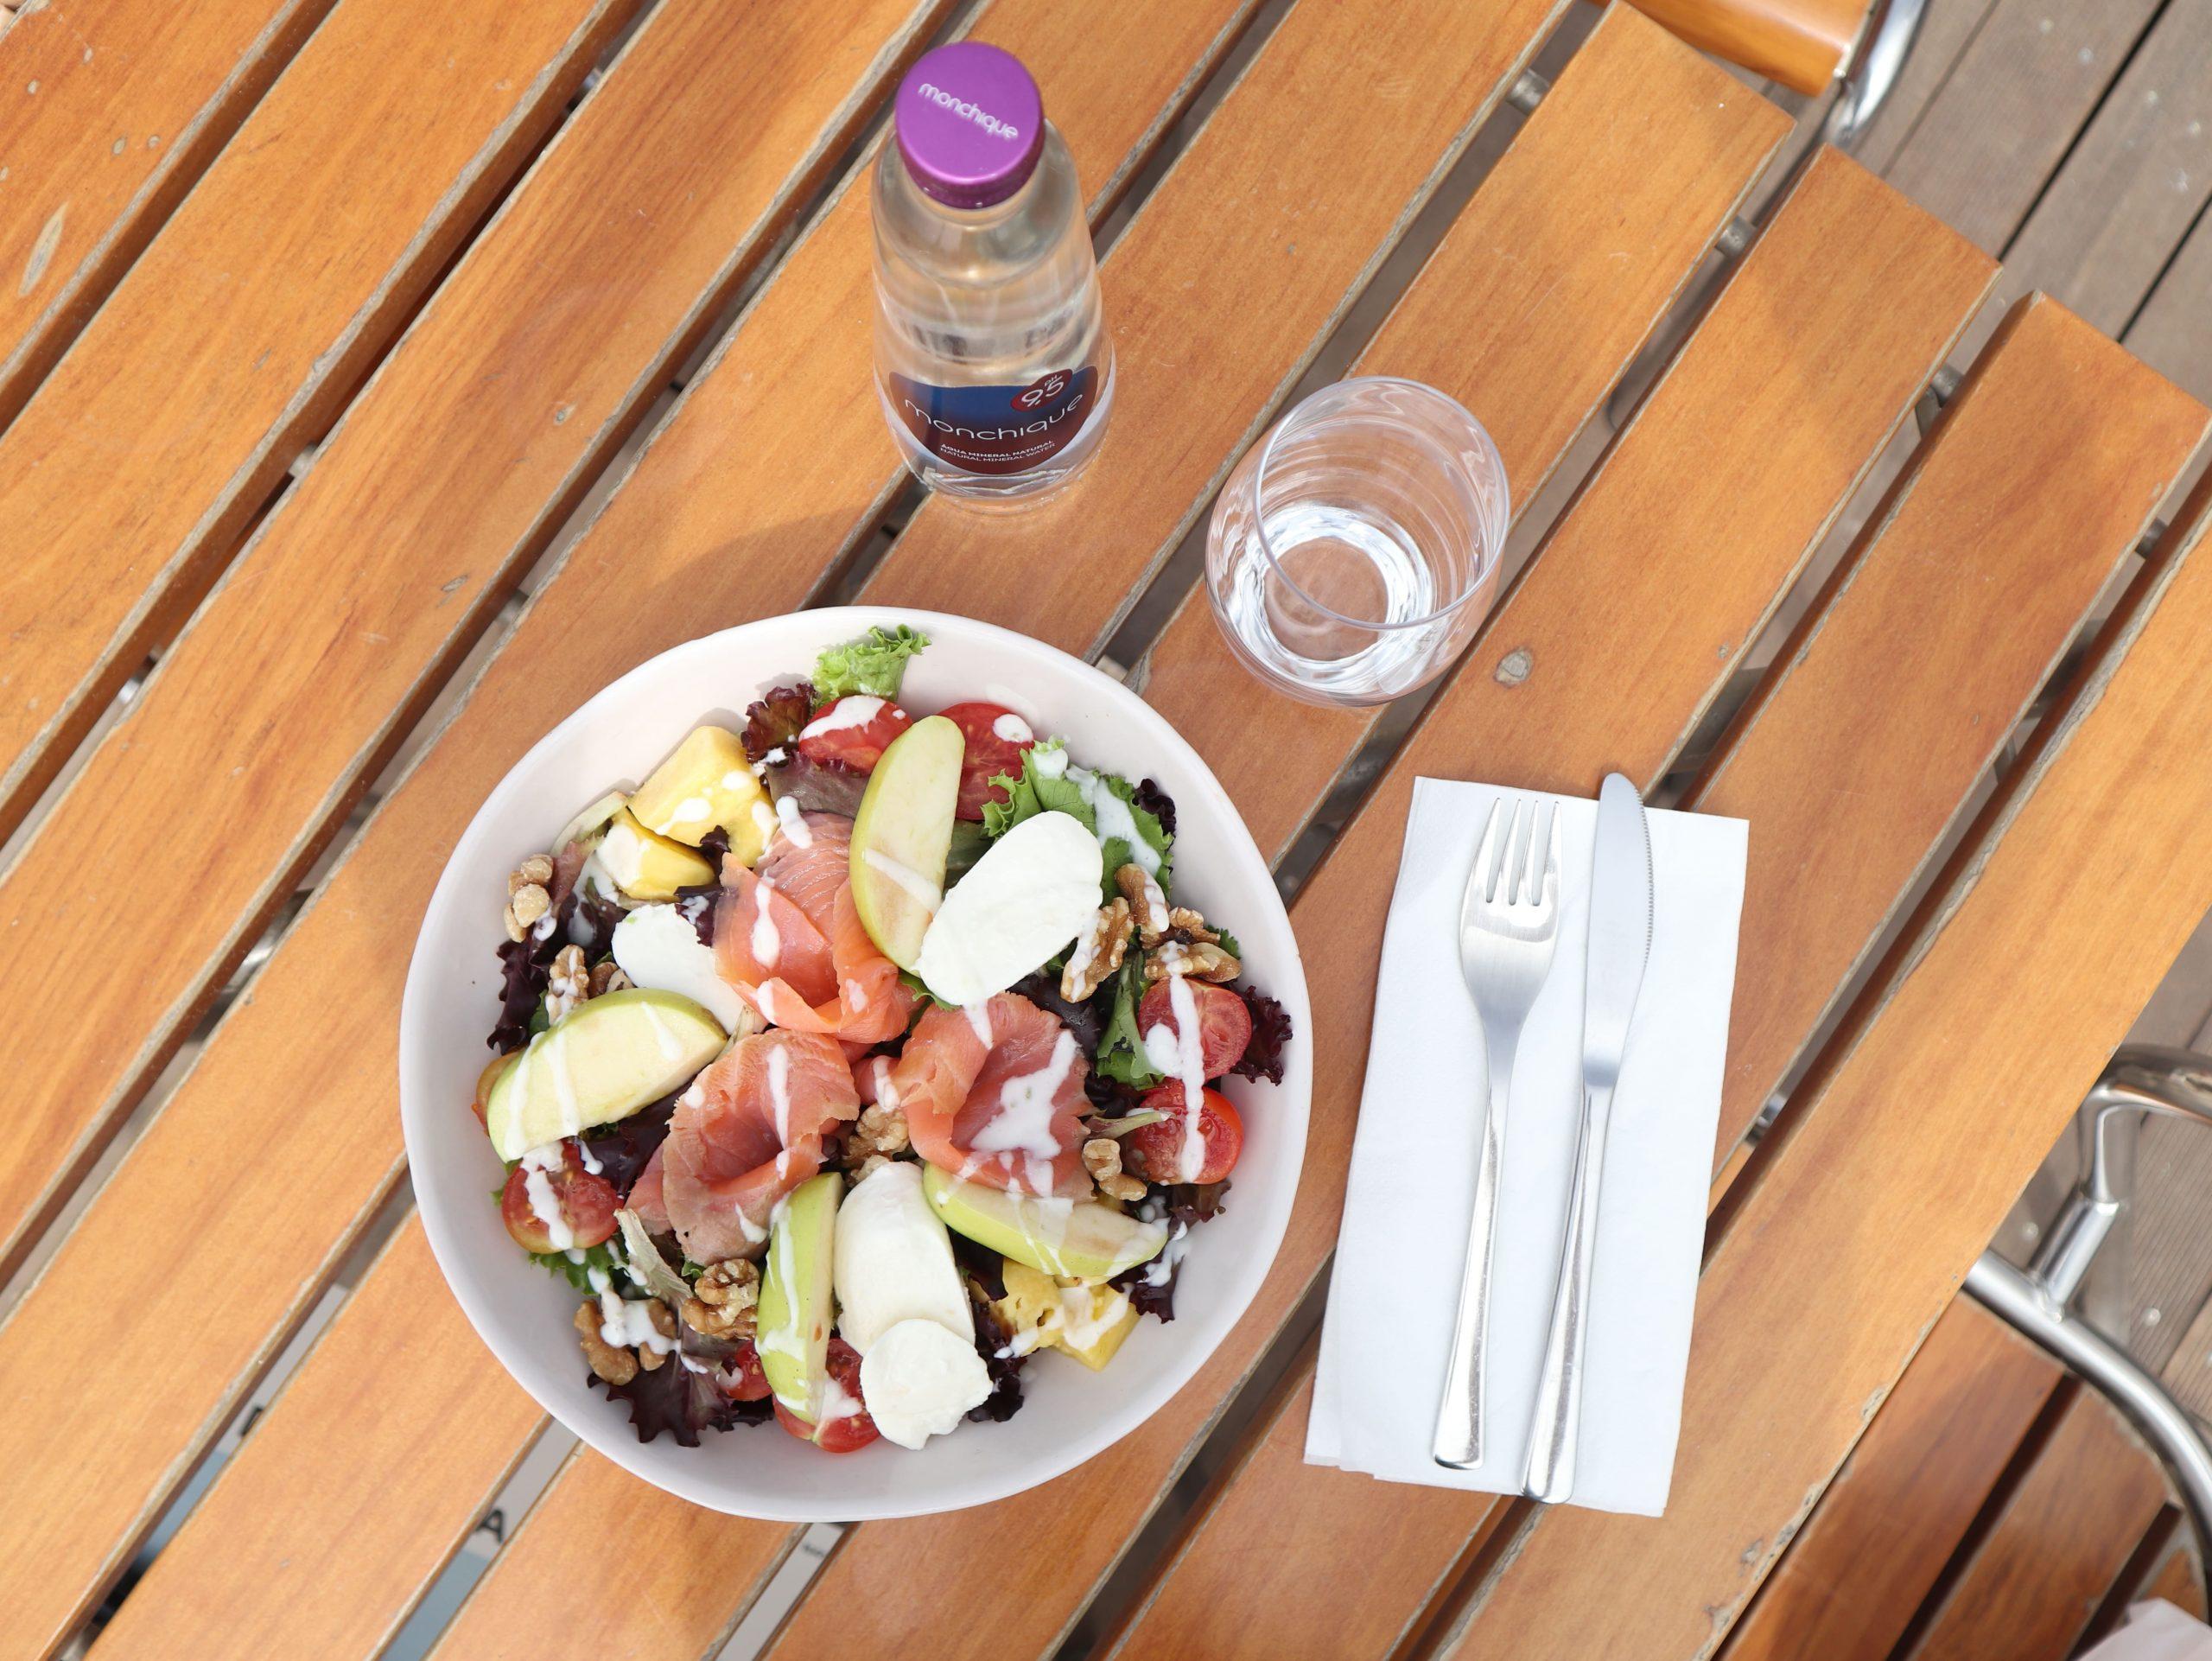 Receitas de Saladas Frescas e Nutritivas para o Verão